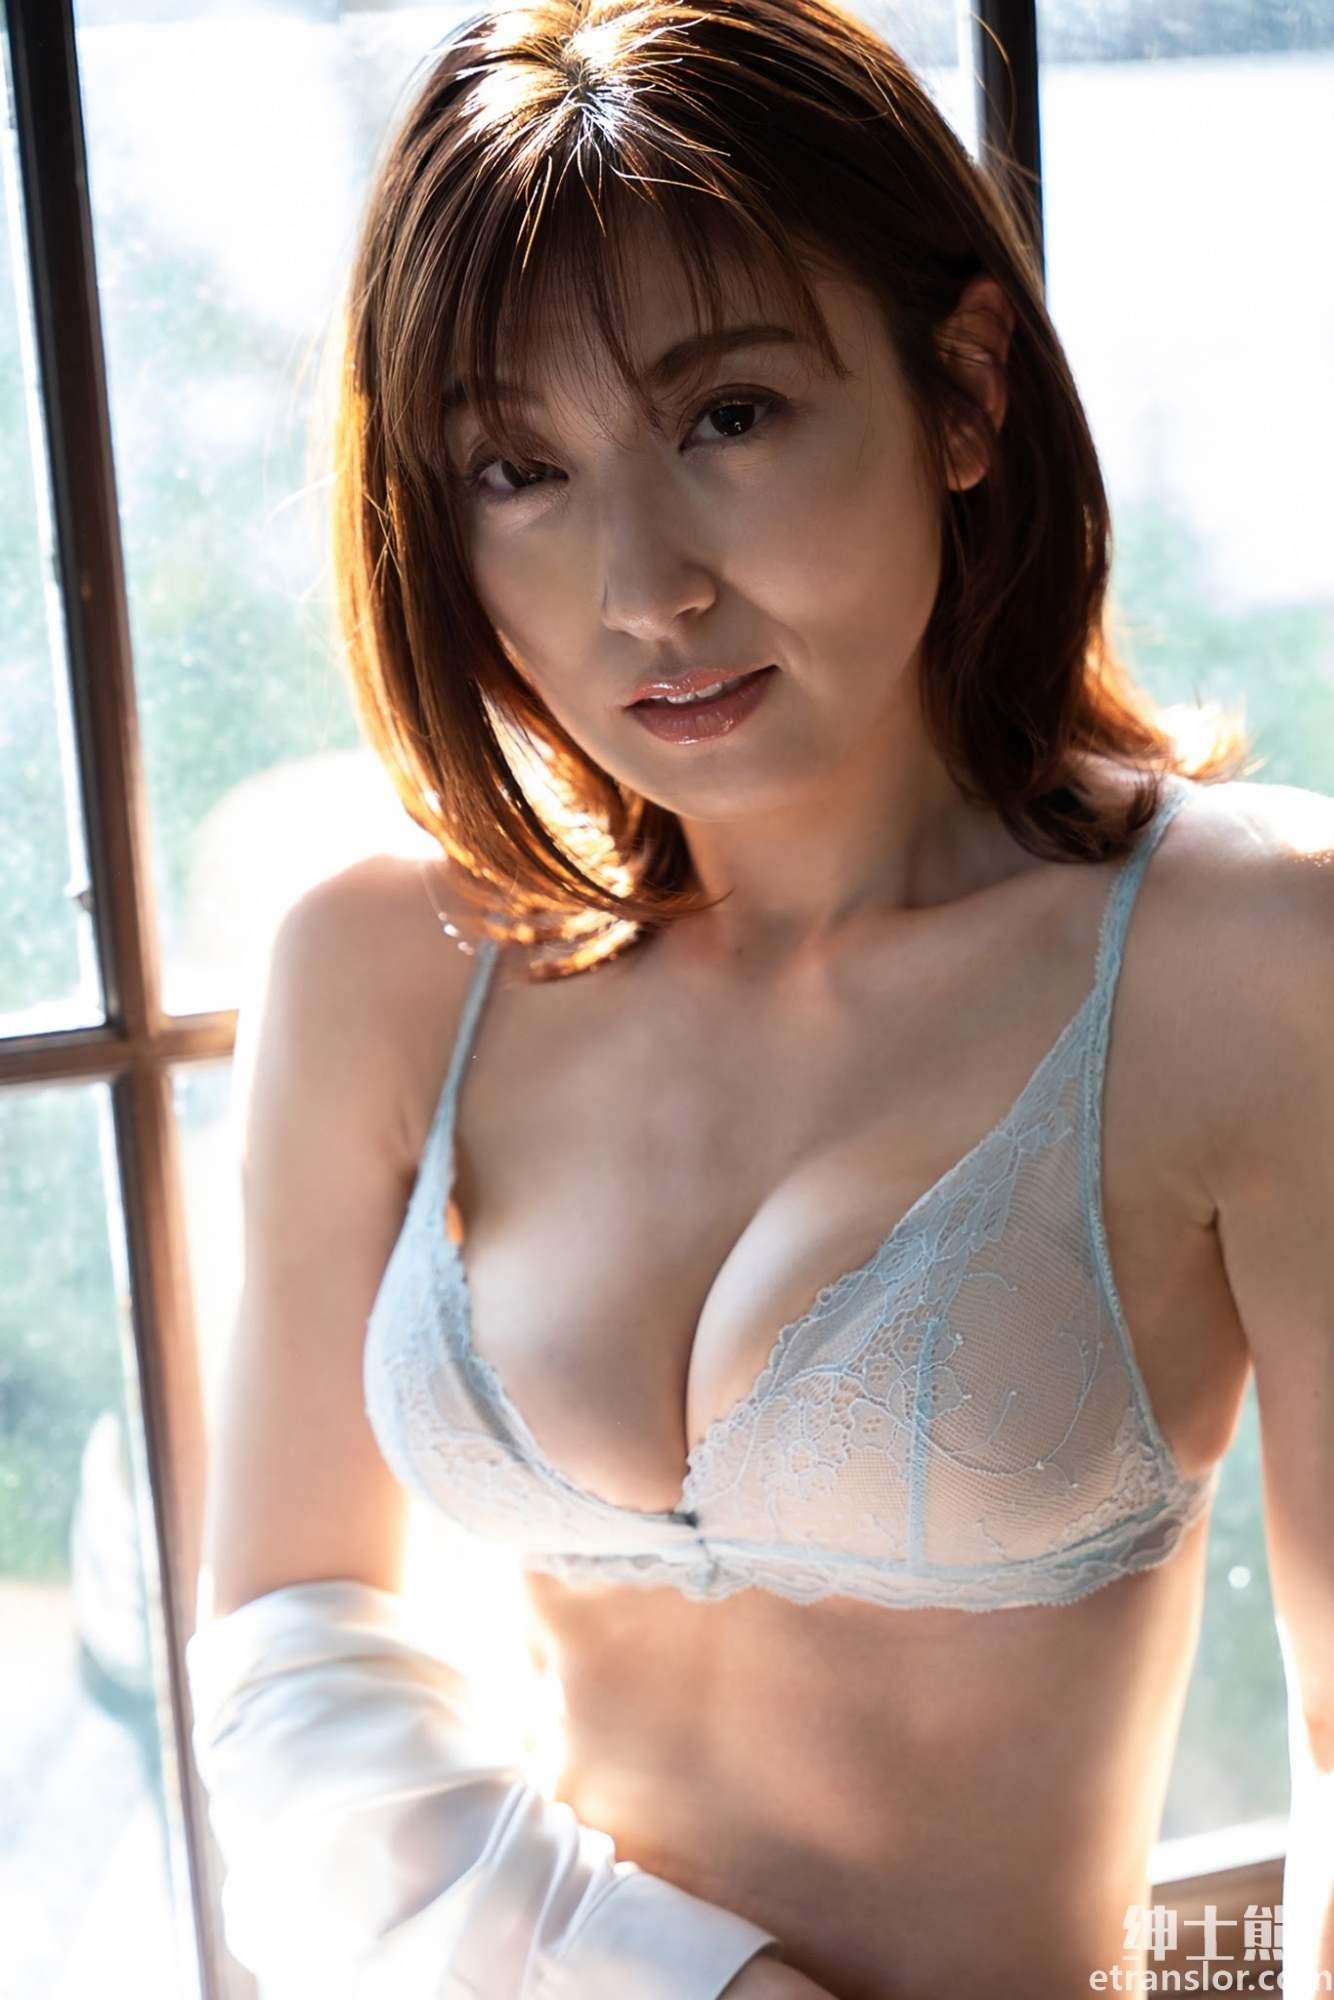 日本写真女星:熊切麻美、塩地美澄、熊田曜子三人组合岁月不改 养眼图片 第13张